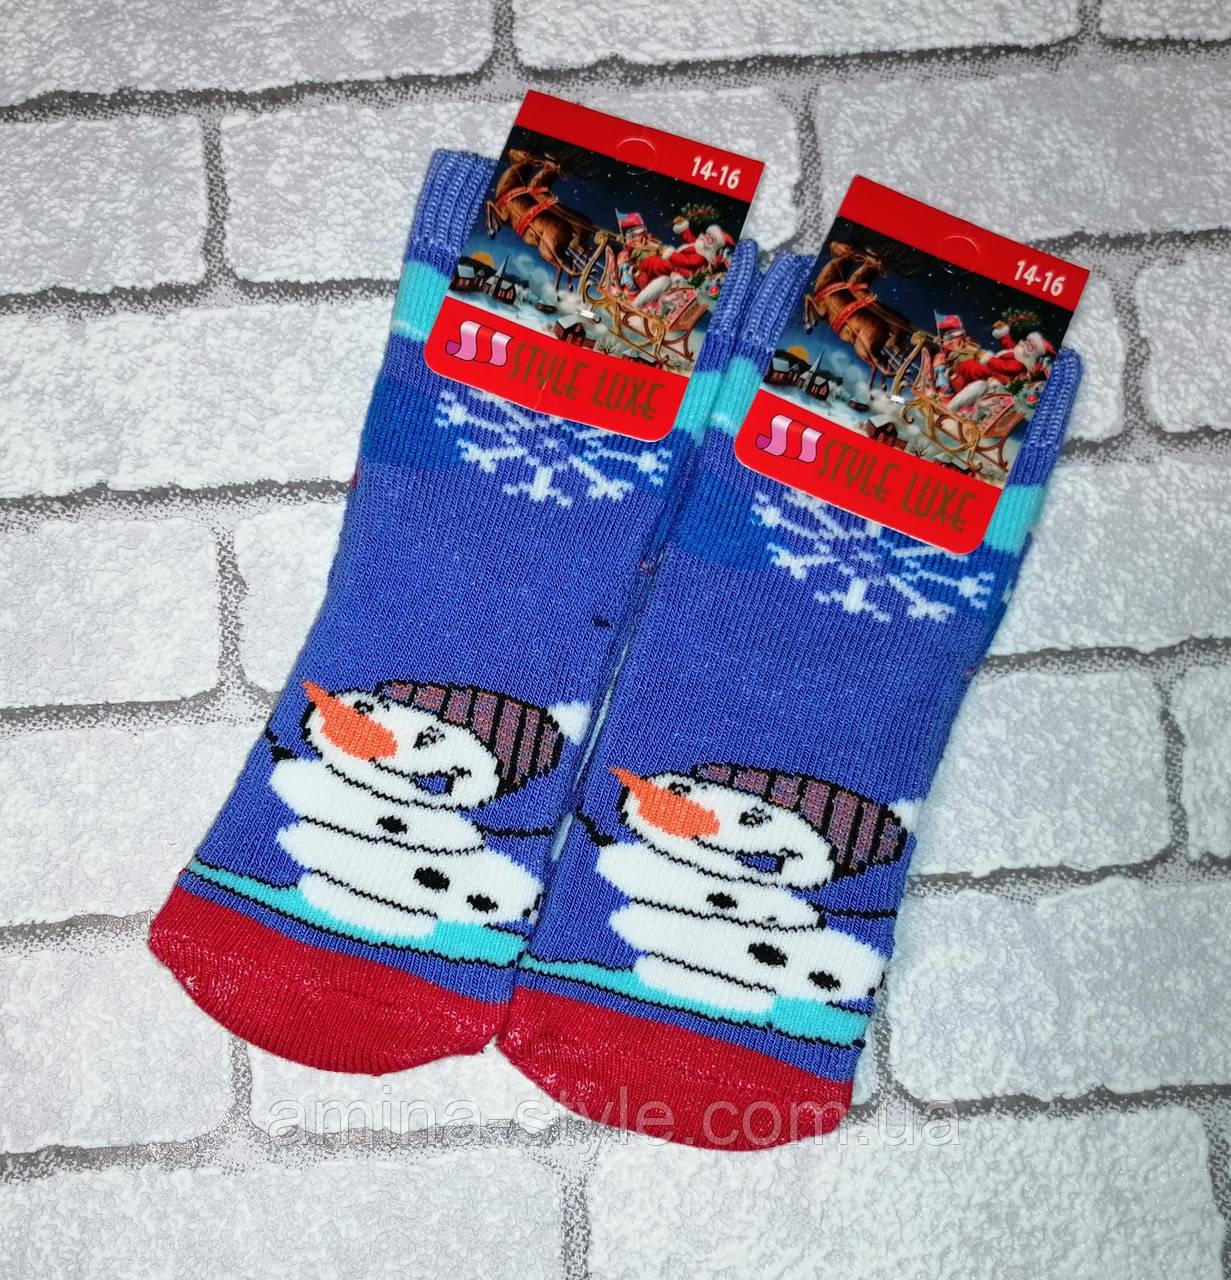 Детские махровые носки Новогодние, разные цвета. Размер 14-16 (2-4 лет)